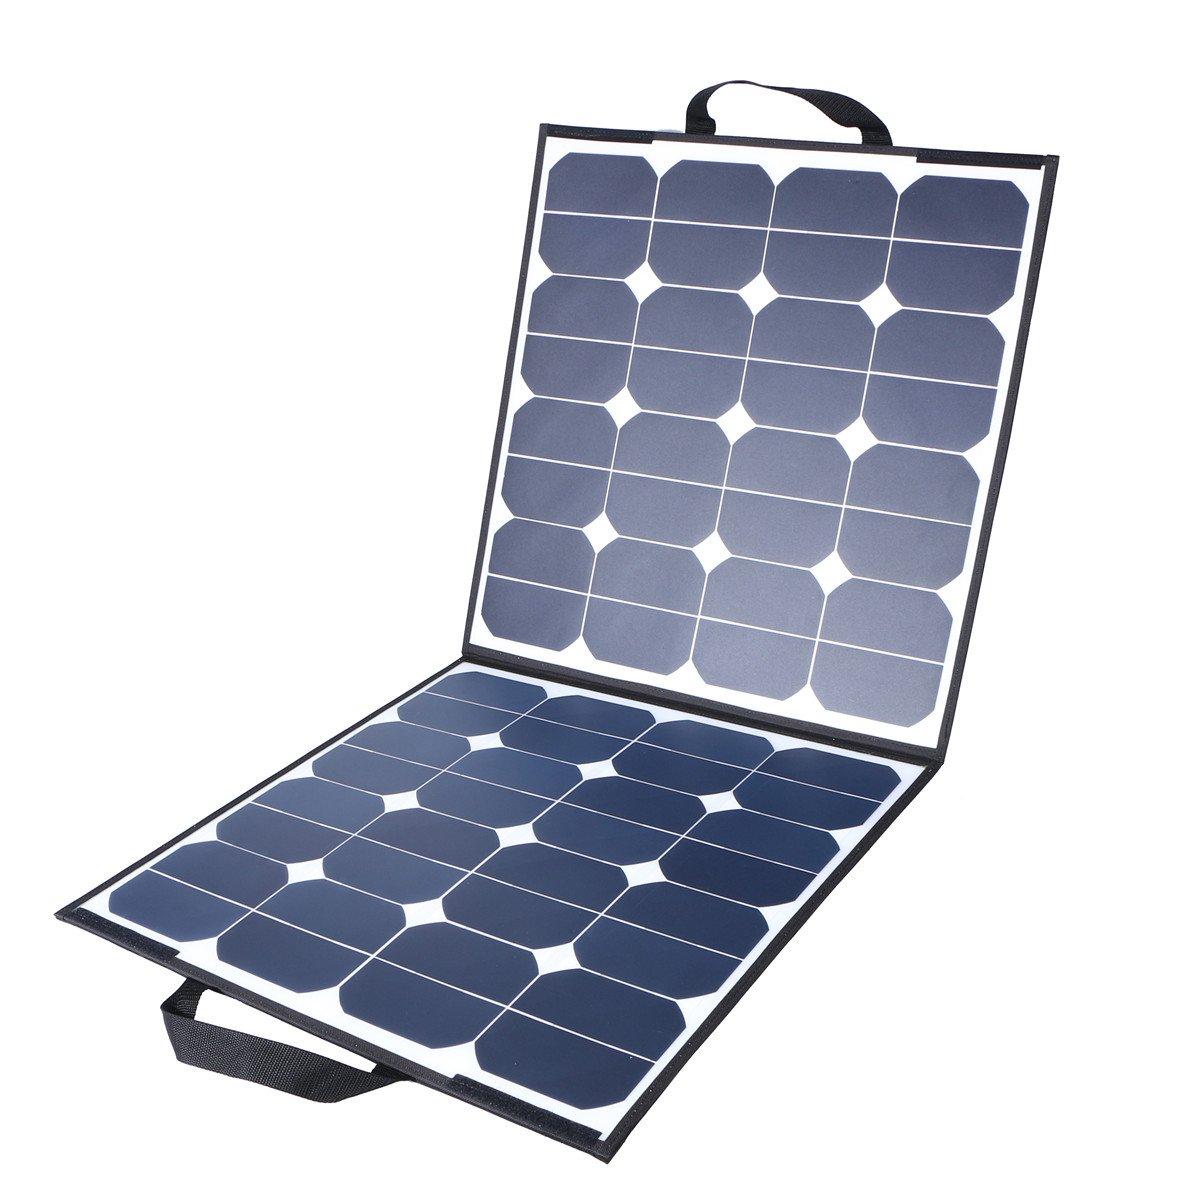 MOHOO ソーラーパネル 5.5A 18V 100W 太陽光パネル 太陽光発電パネル Sunパワー 折りたたみ式 単結晶 フレキシブル 超薄型 ソーラーチャージャー MC4接続 SP4 B07117TK35 ソーラーパネル折りたたみ式